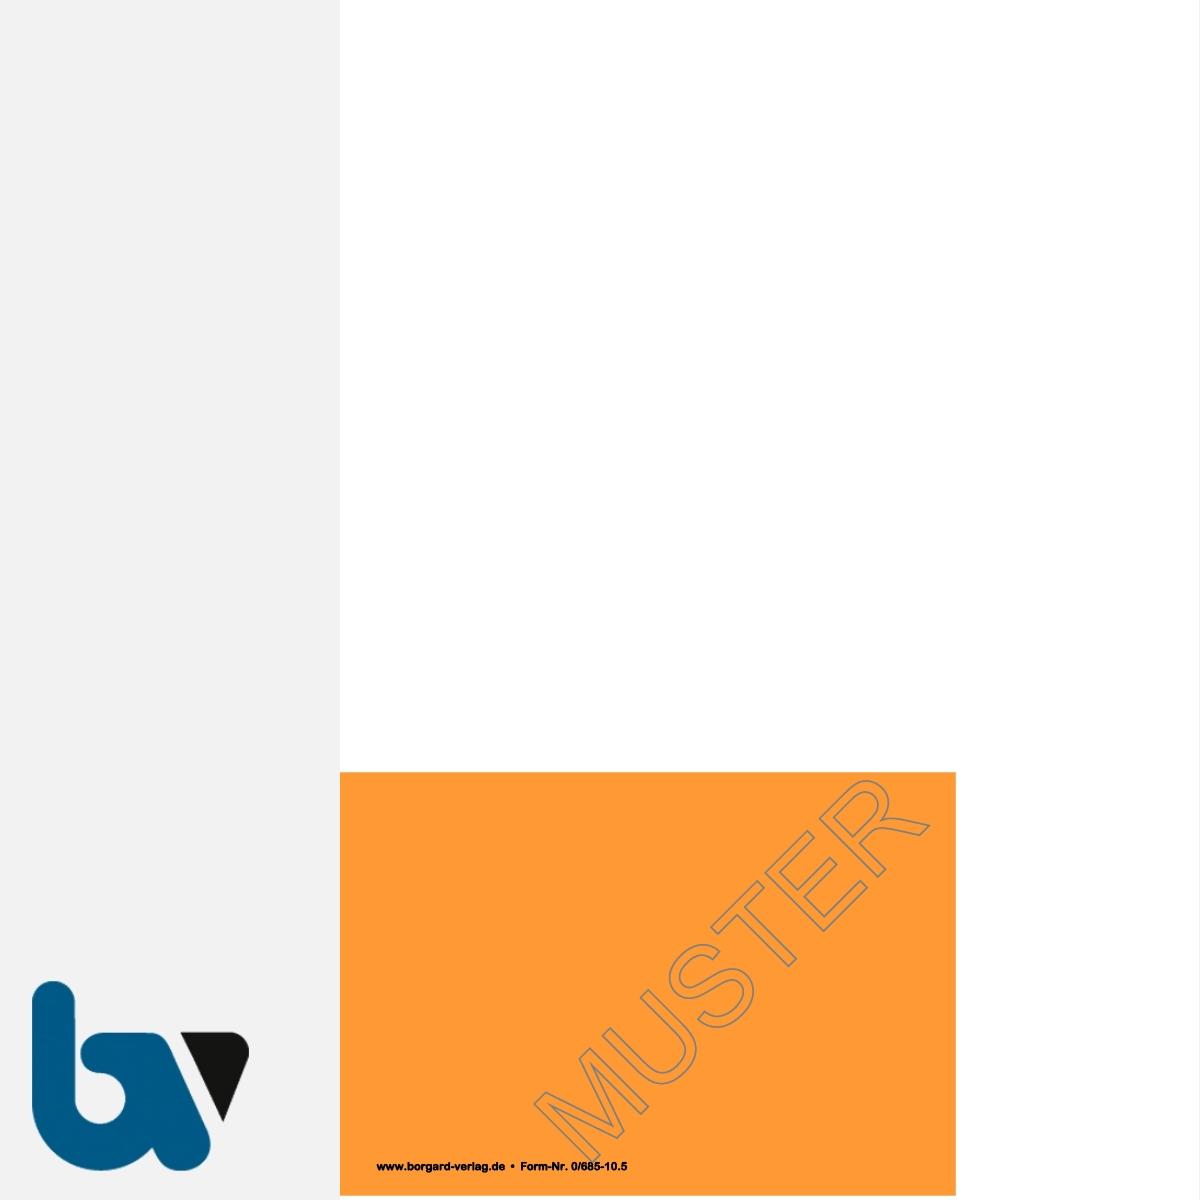 0/685-10.5 Parkausweis zur Ausnahmegenehmigung über Parkerleichterungen BRD orange Modell behinderte Menschen DIN A4 perforiert RS | Borgard Verlag GmbH